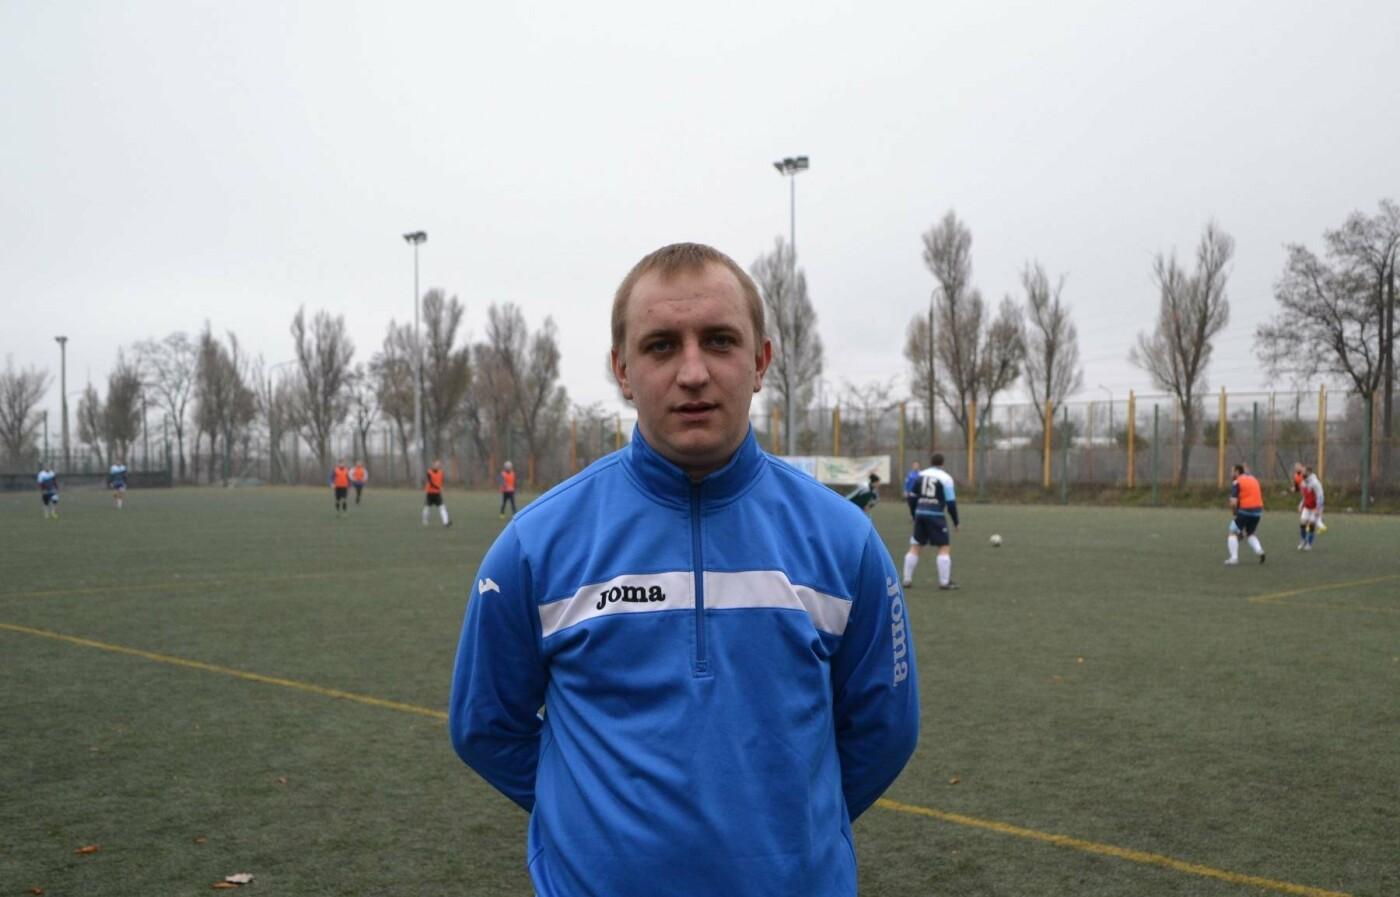 Молодежная футбольная Лига Запорожья успешно завершила свой летний сезон при финансовой поддержке мецената Александра Богуслаева, фото-1